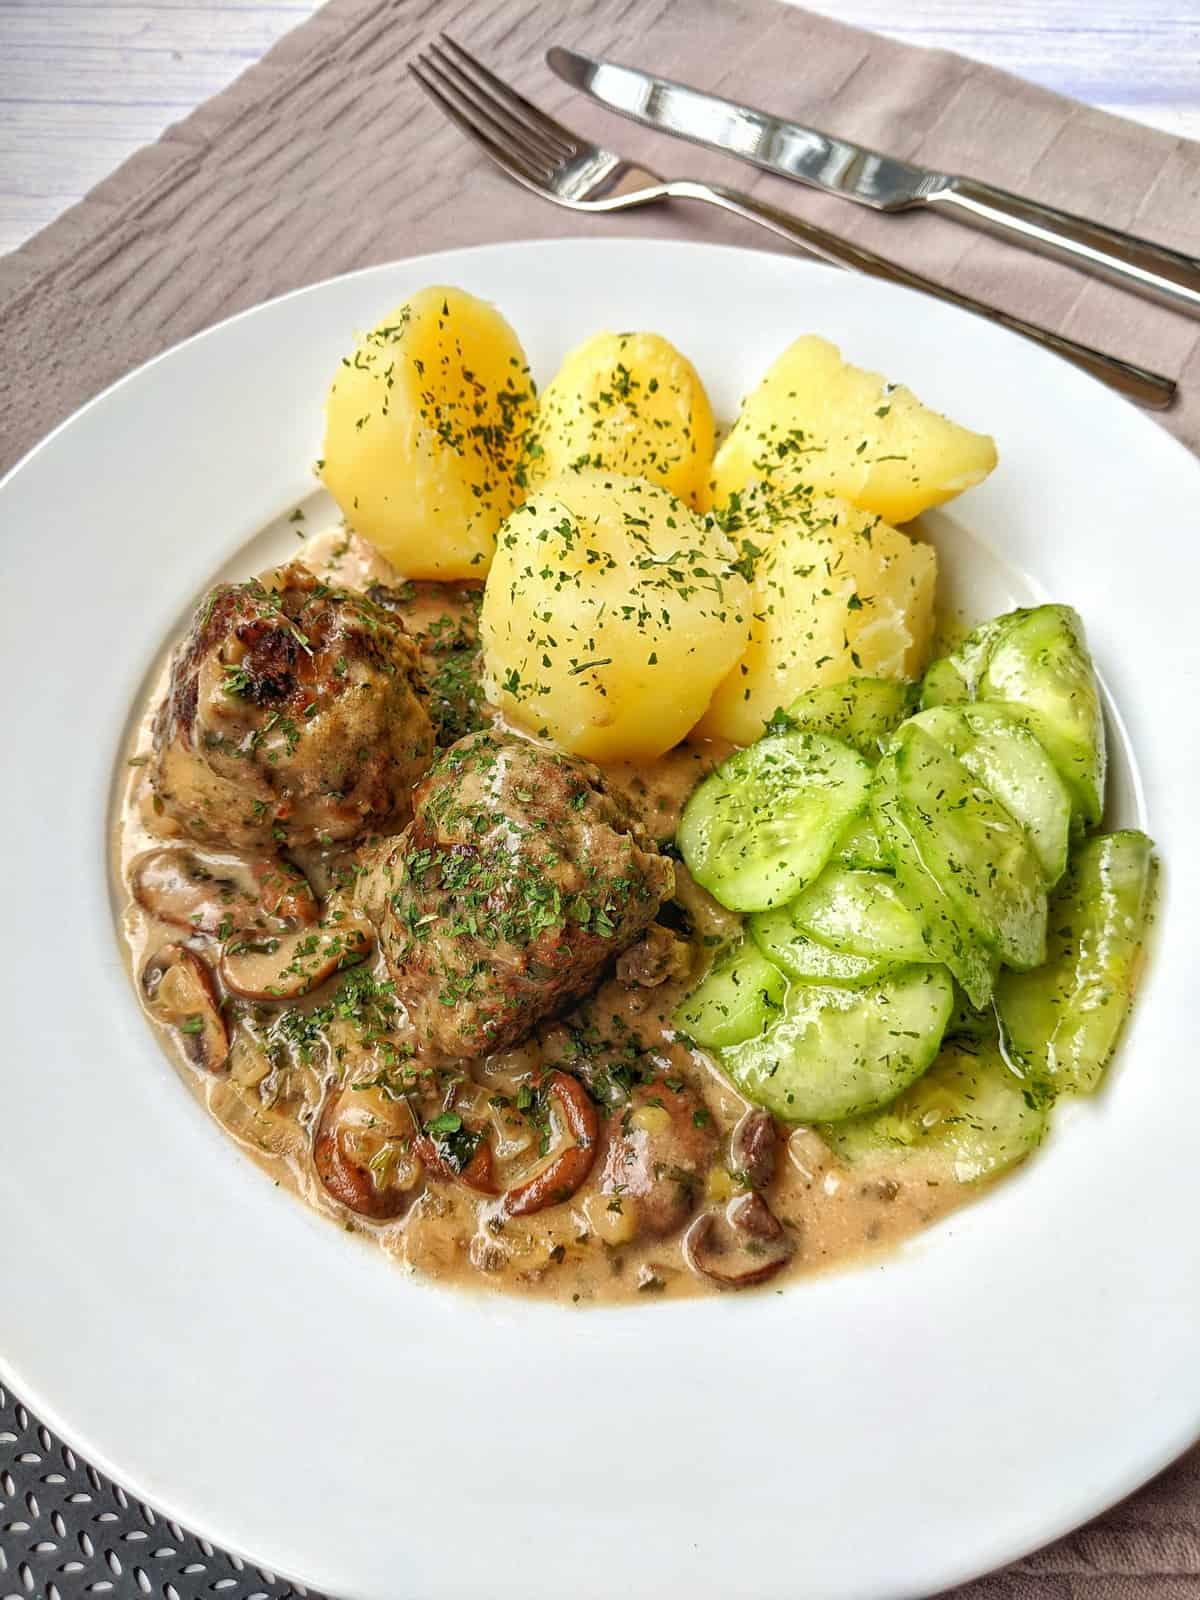 Ein weisser Teller mit Hackbällchen in Champignon-Rahmsoße, Kartoffeln und Gurkensalat.